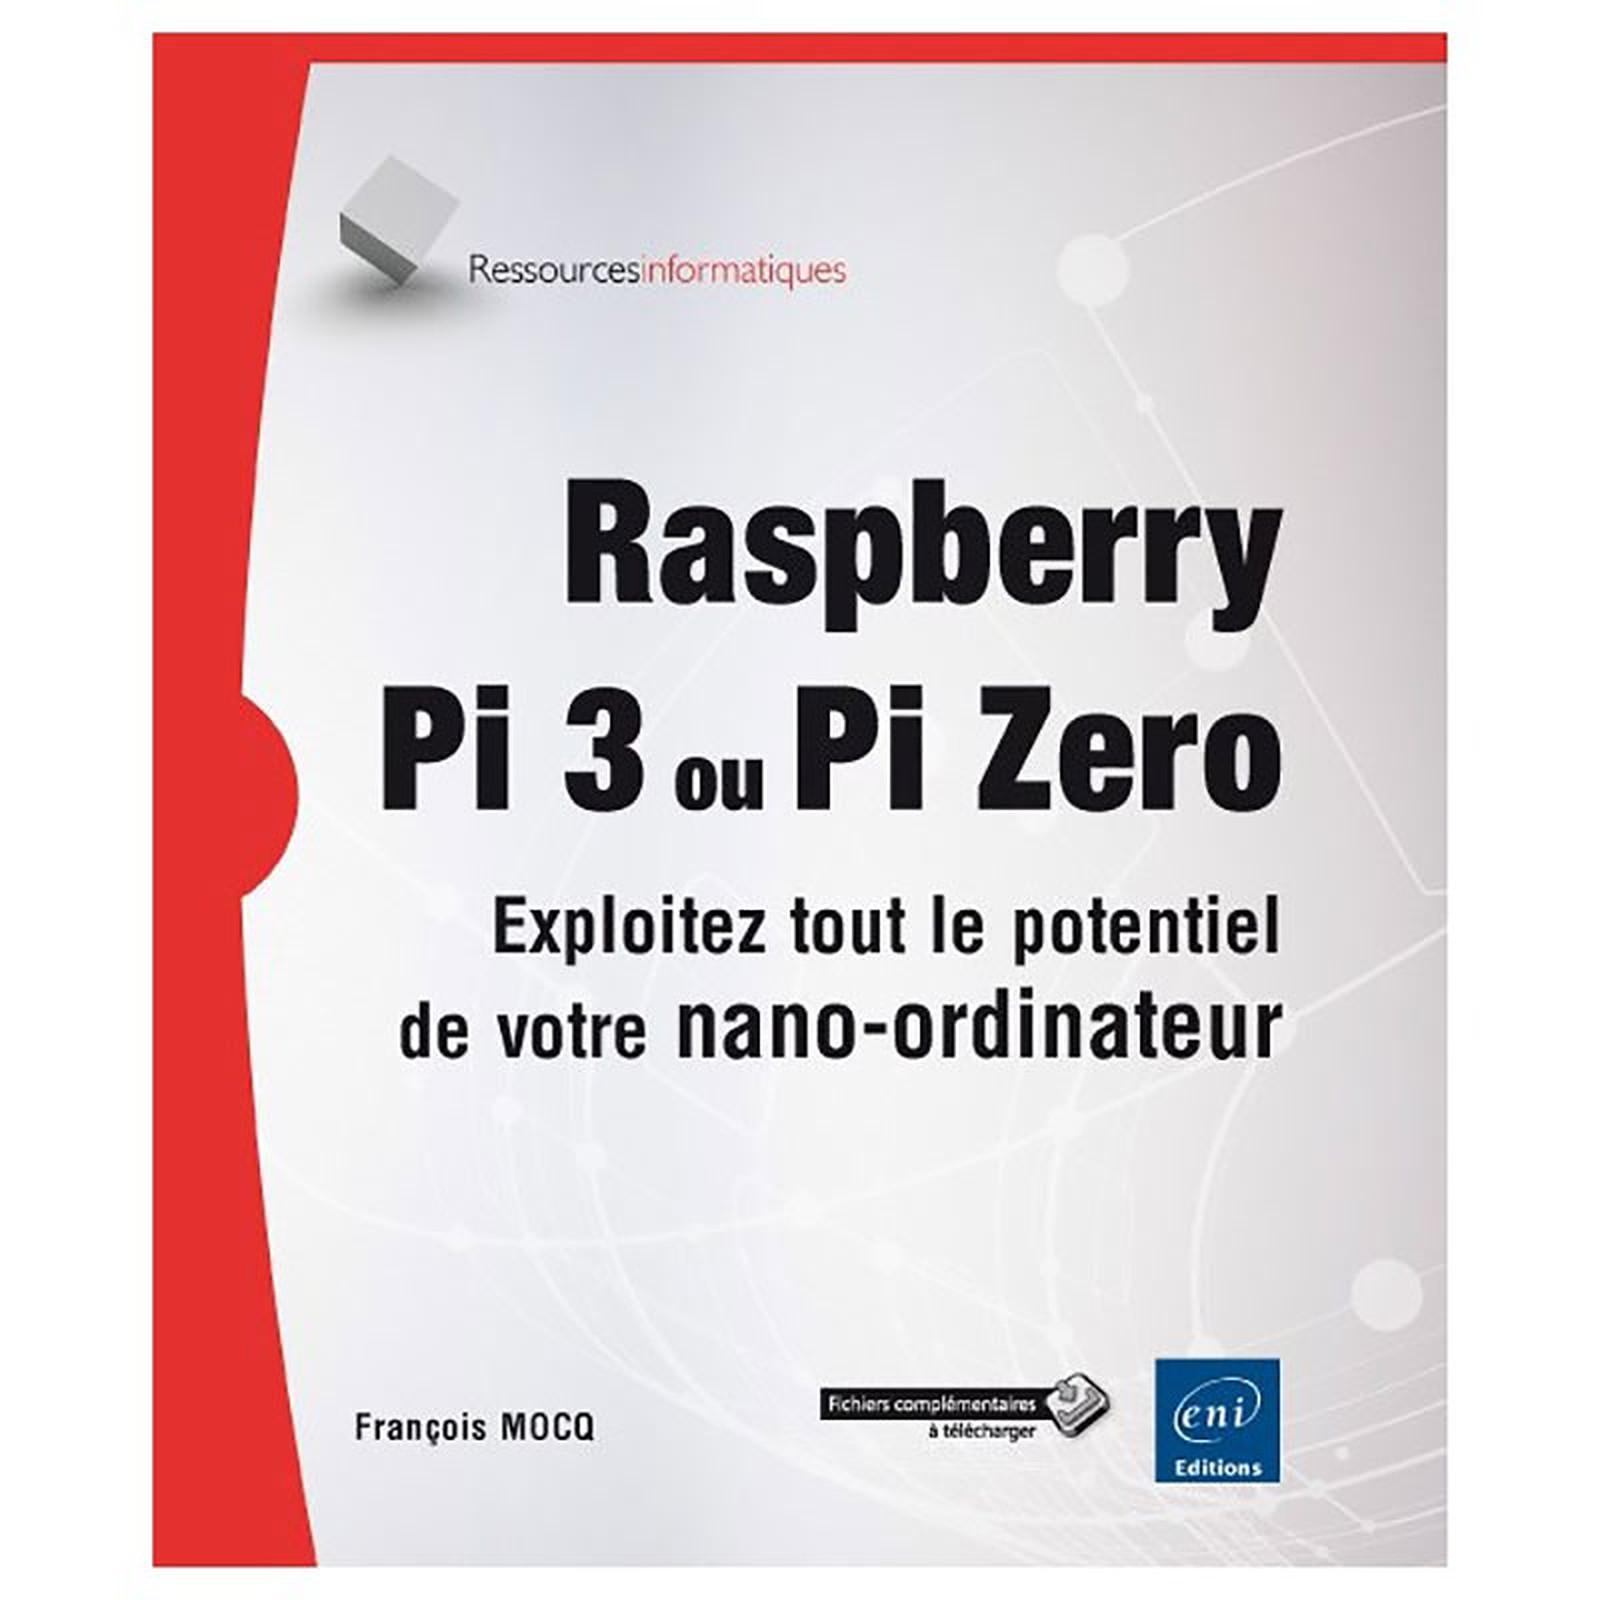 ENI Editions - Raspberry Pi 3 ou PI Zero